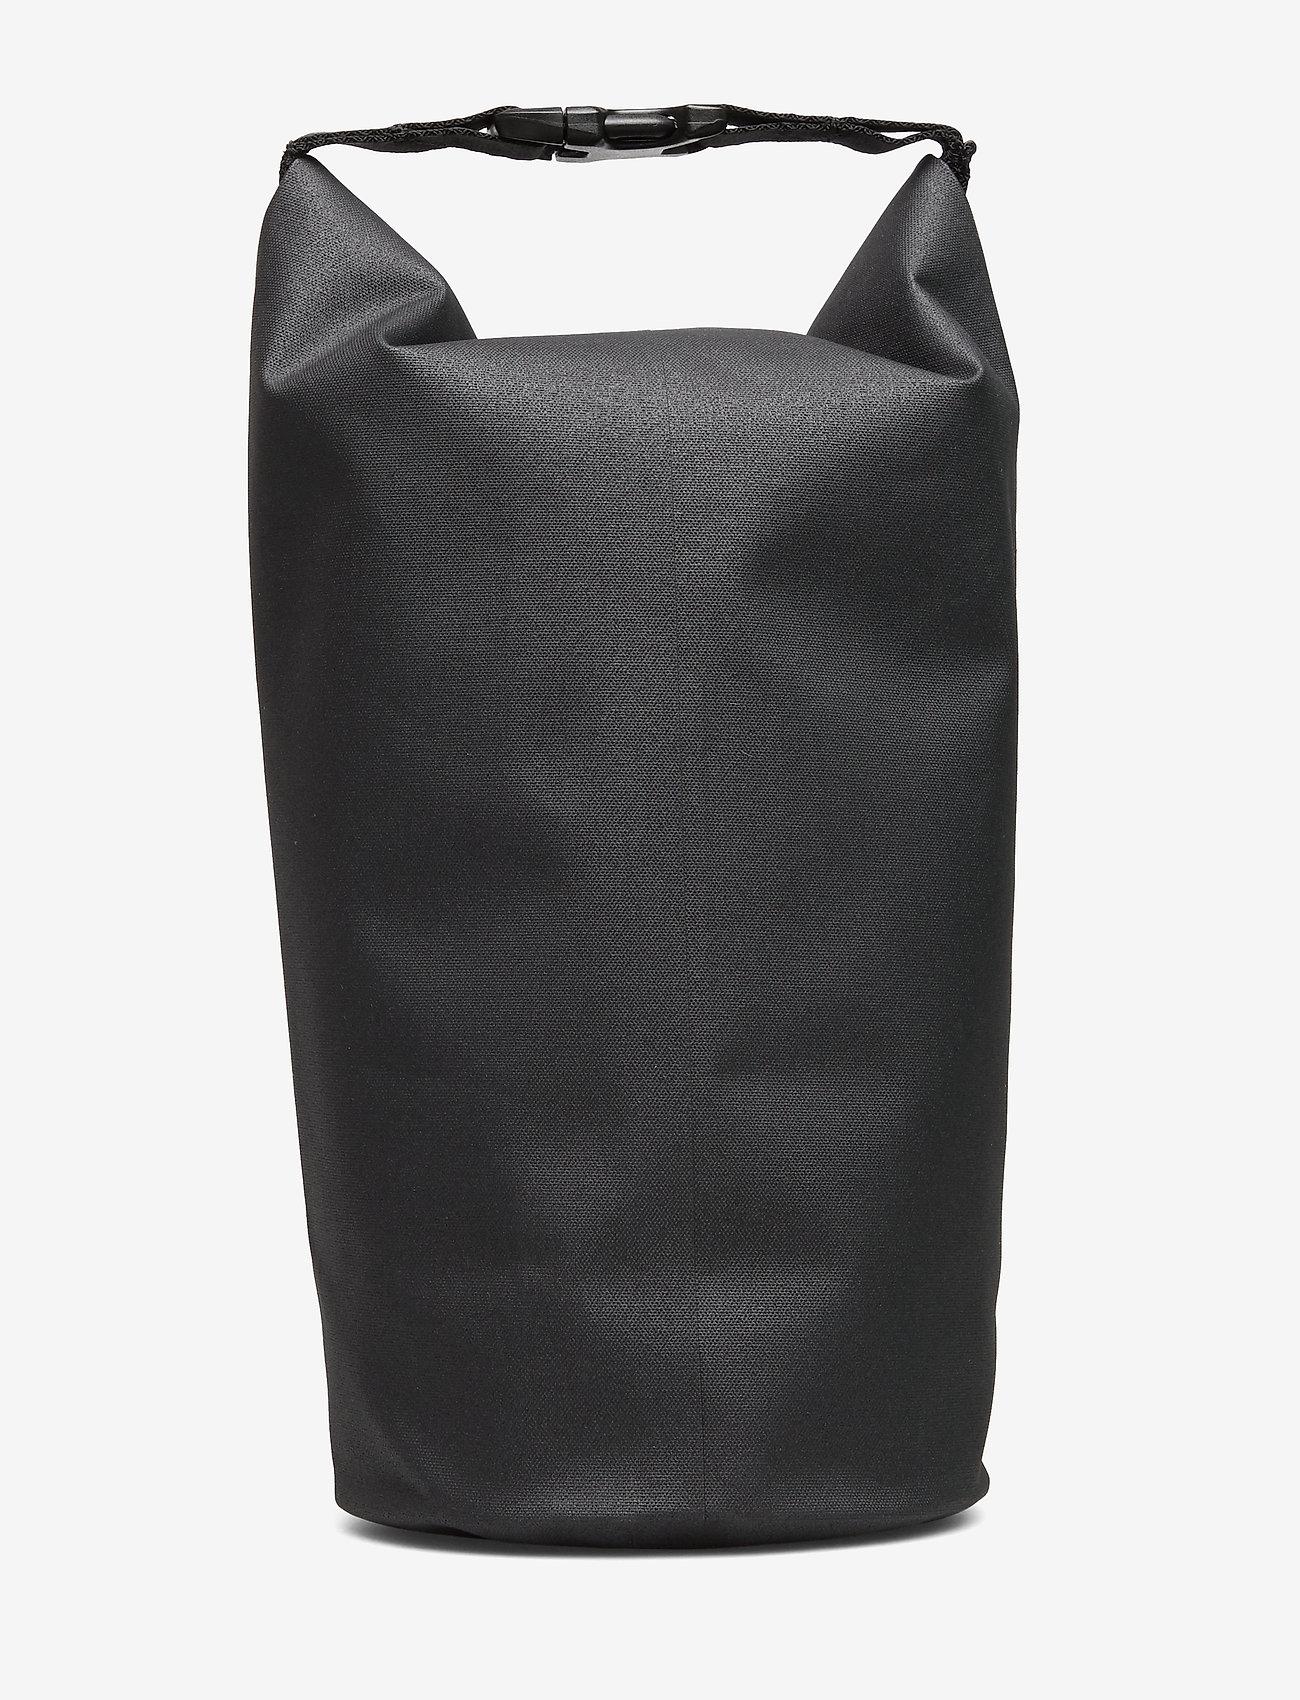 Dry Bag 2l-black (Black) - Herschel fvaWRI